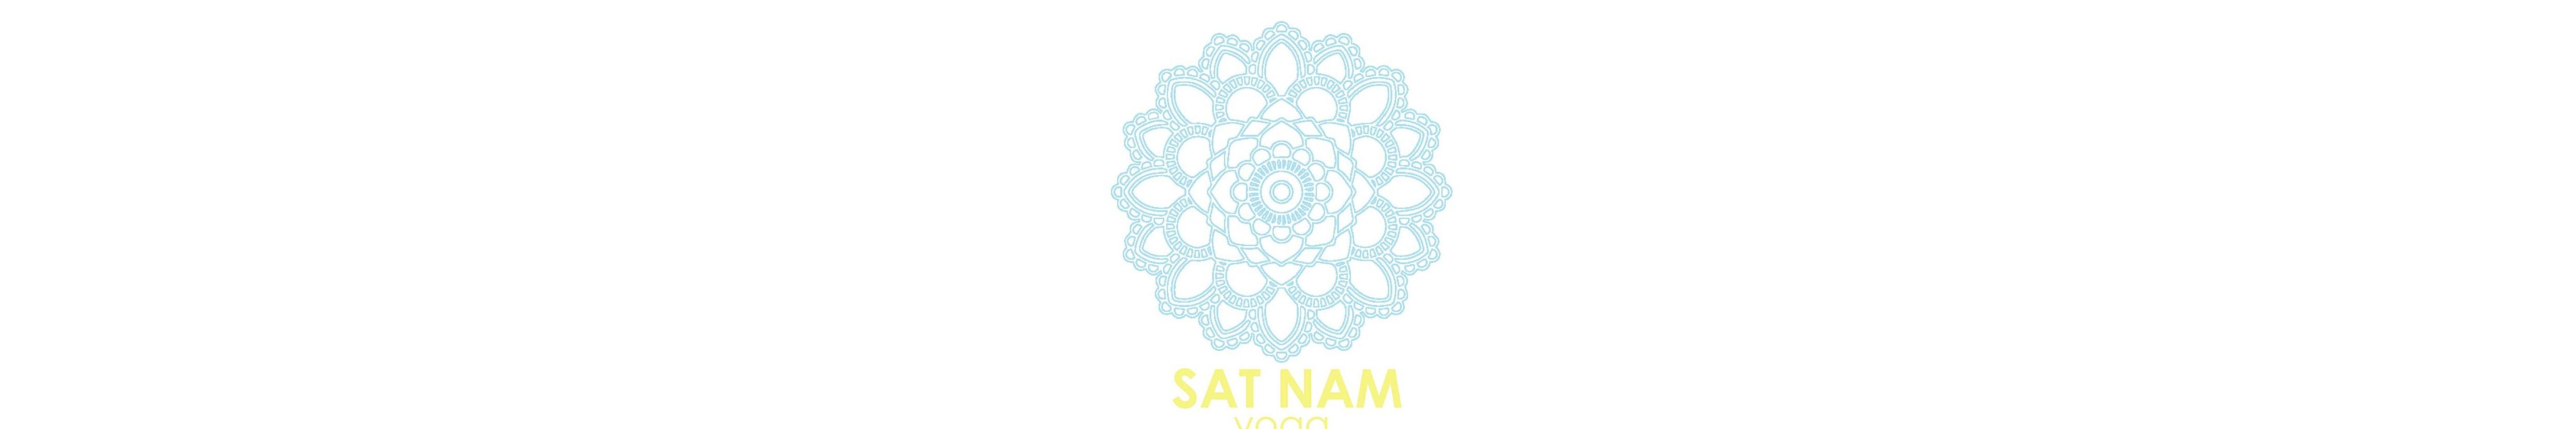 Sat Nam Yoga Ronda